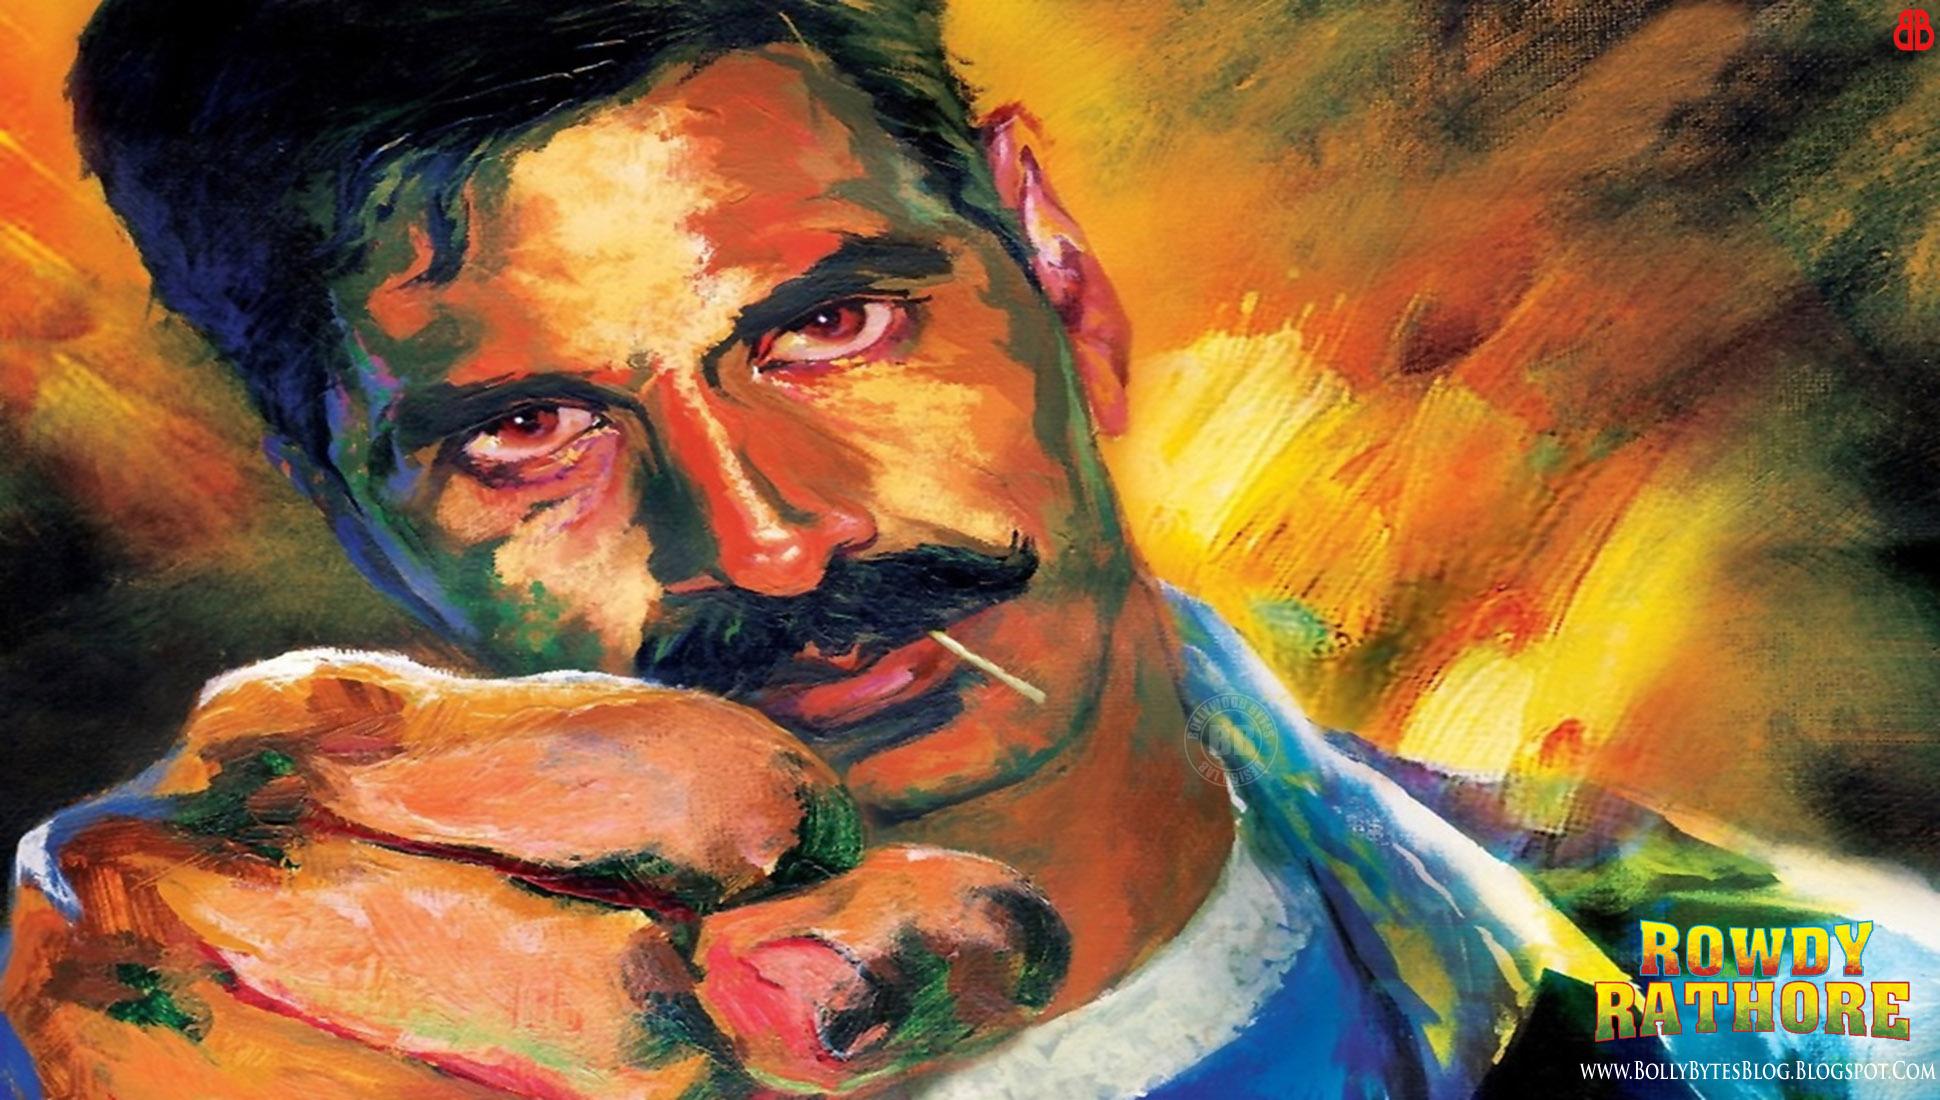 http://1.bp.blogspot.com/-npUQoRjDP_k/T5iZh3_fztI/AAAAAAAAG-s/A3tASsSb6YU/s1940/Rowdy-Rathore-Akshay-Kumar-HQ-Wallpapers-04.jpg